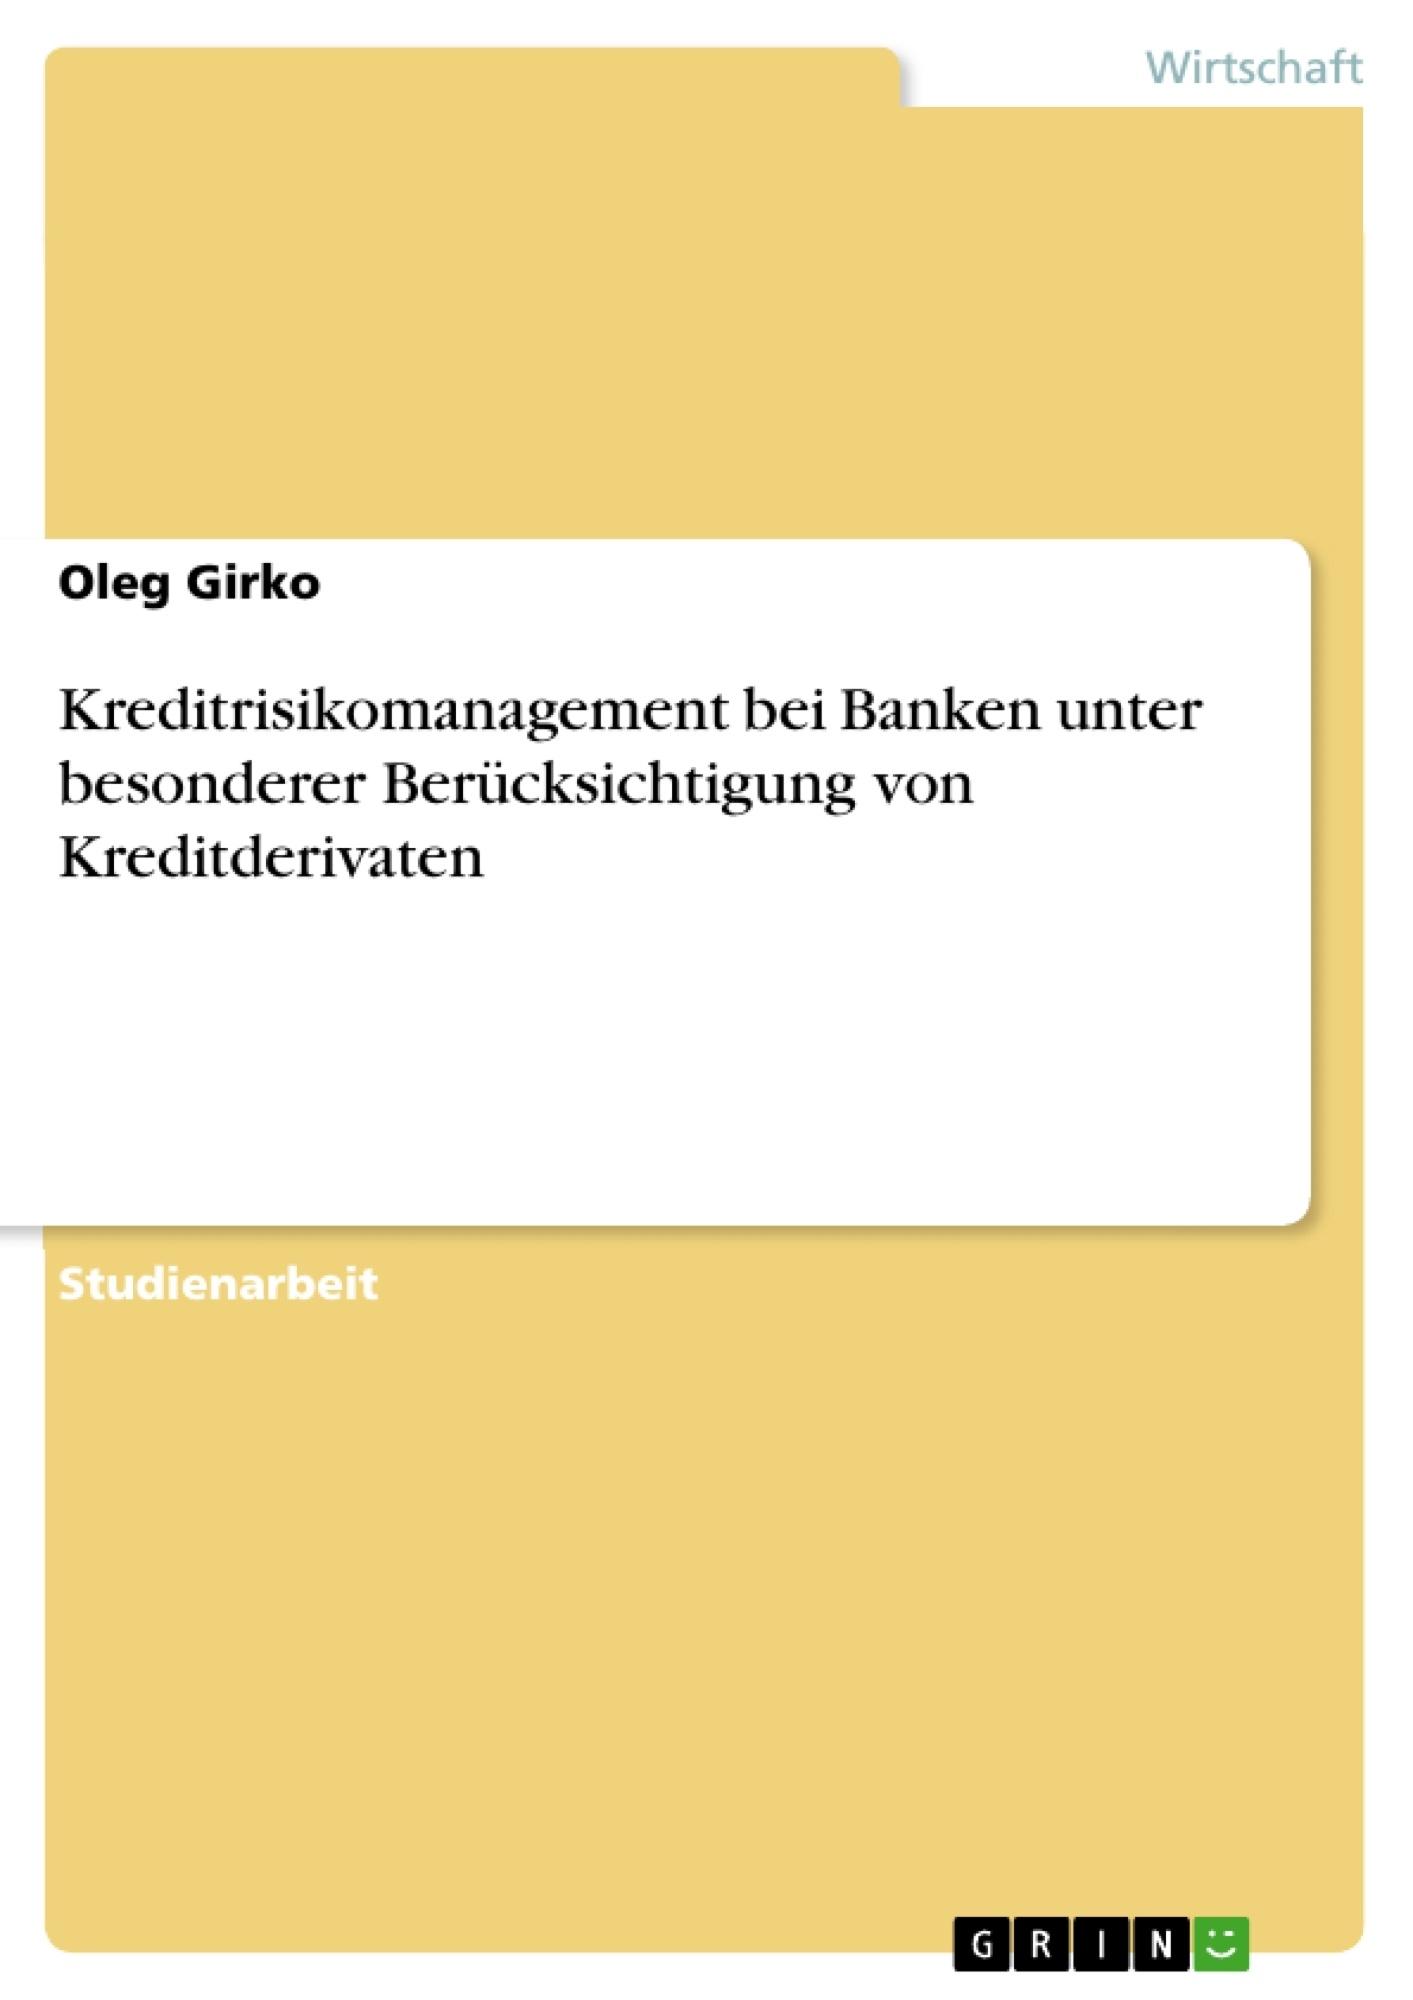 Titel: Kreditrisikomanagement bei Banken unter besonderer Berücksichtigung von Kreditderivaten